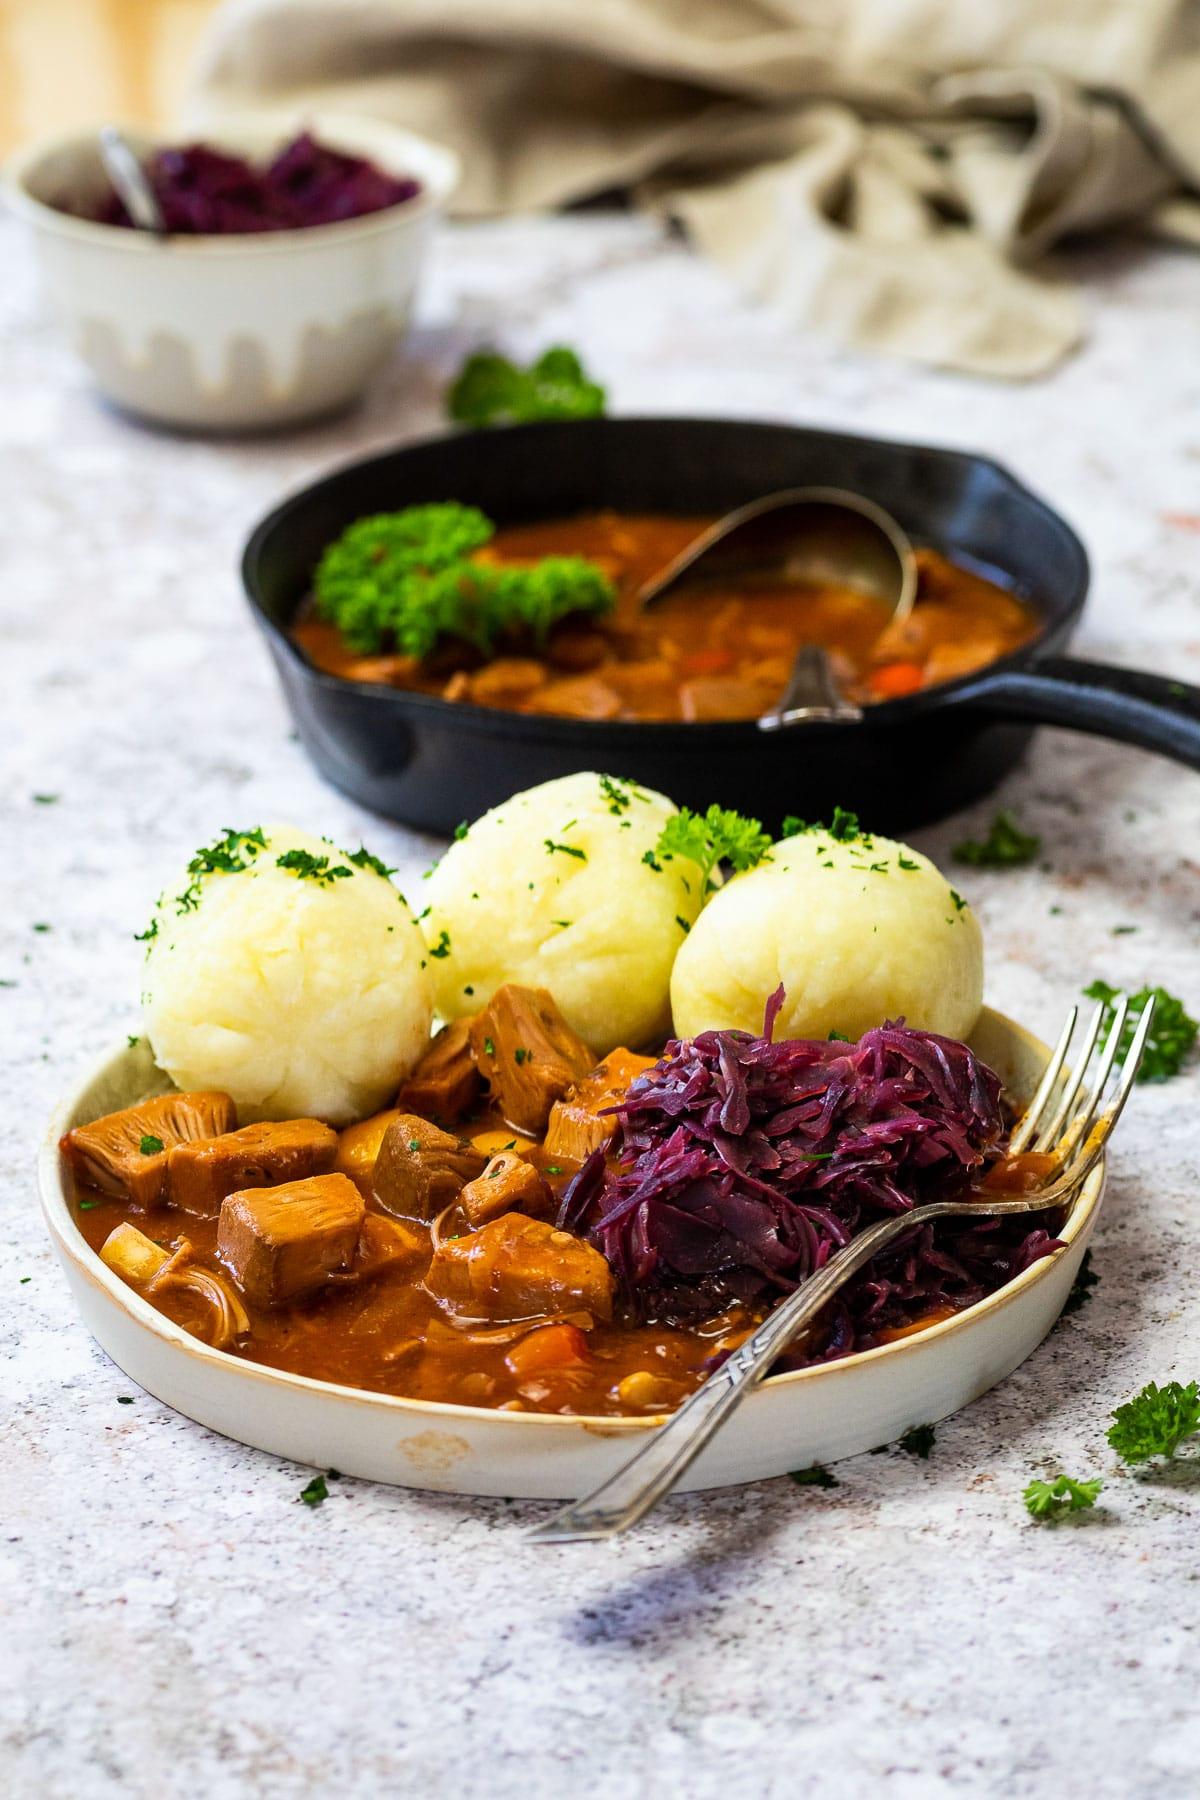 Eine Pfanne und ein Teller mit ungarischem Gulasch auf pflanzlicher Basis